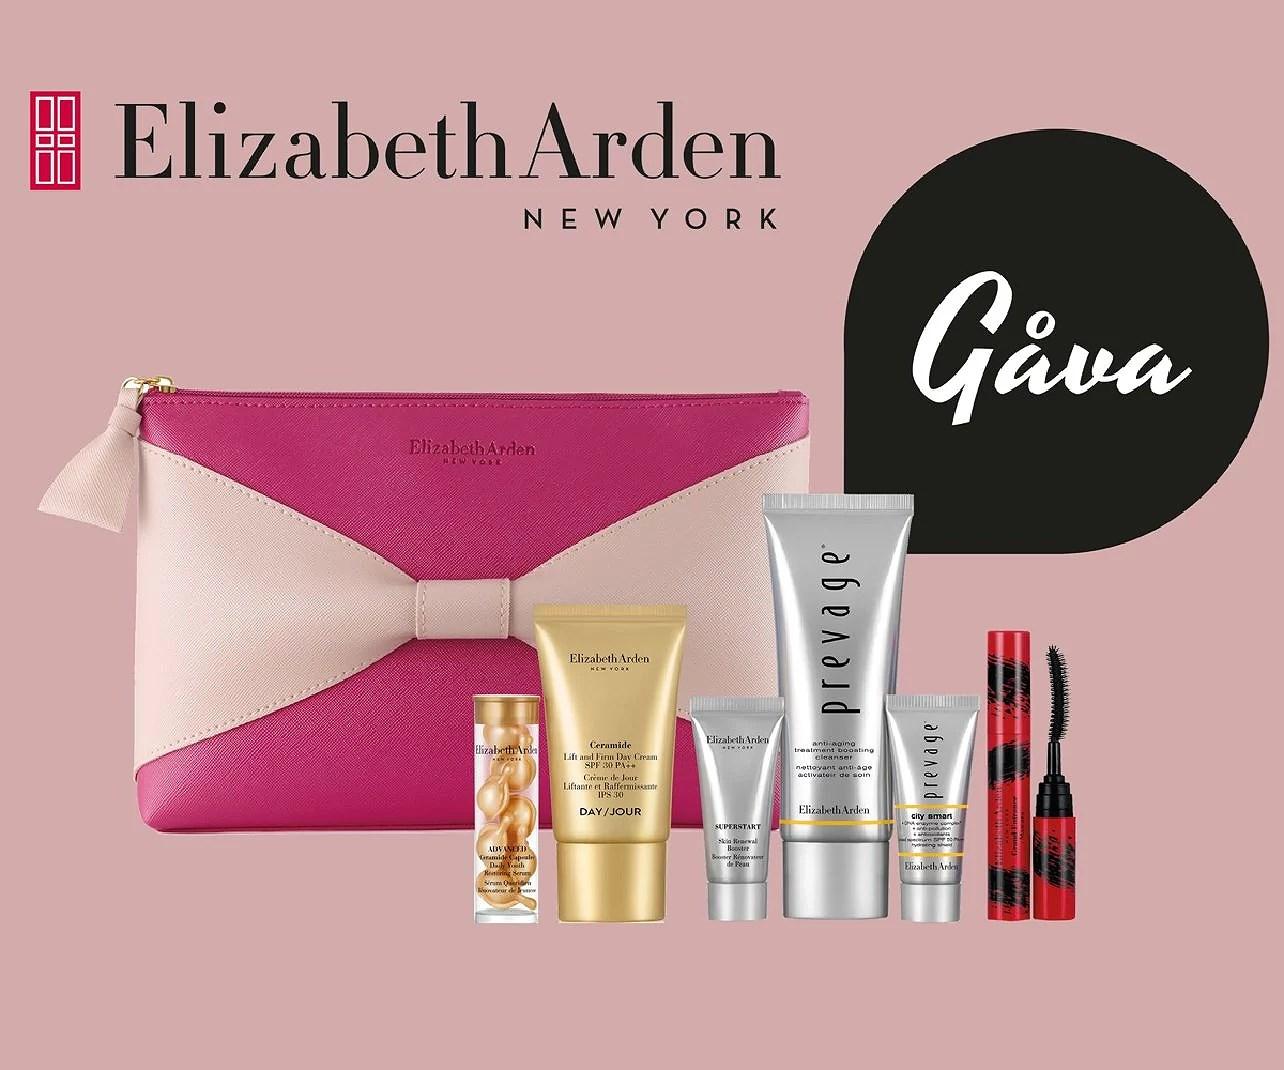 Grandparfymeri köp 2 valfria Elisabeth Arden produkter och få en gåva helt gratis